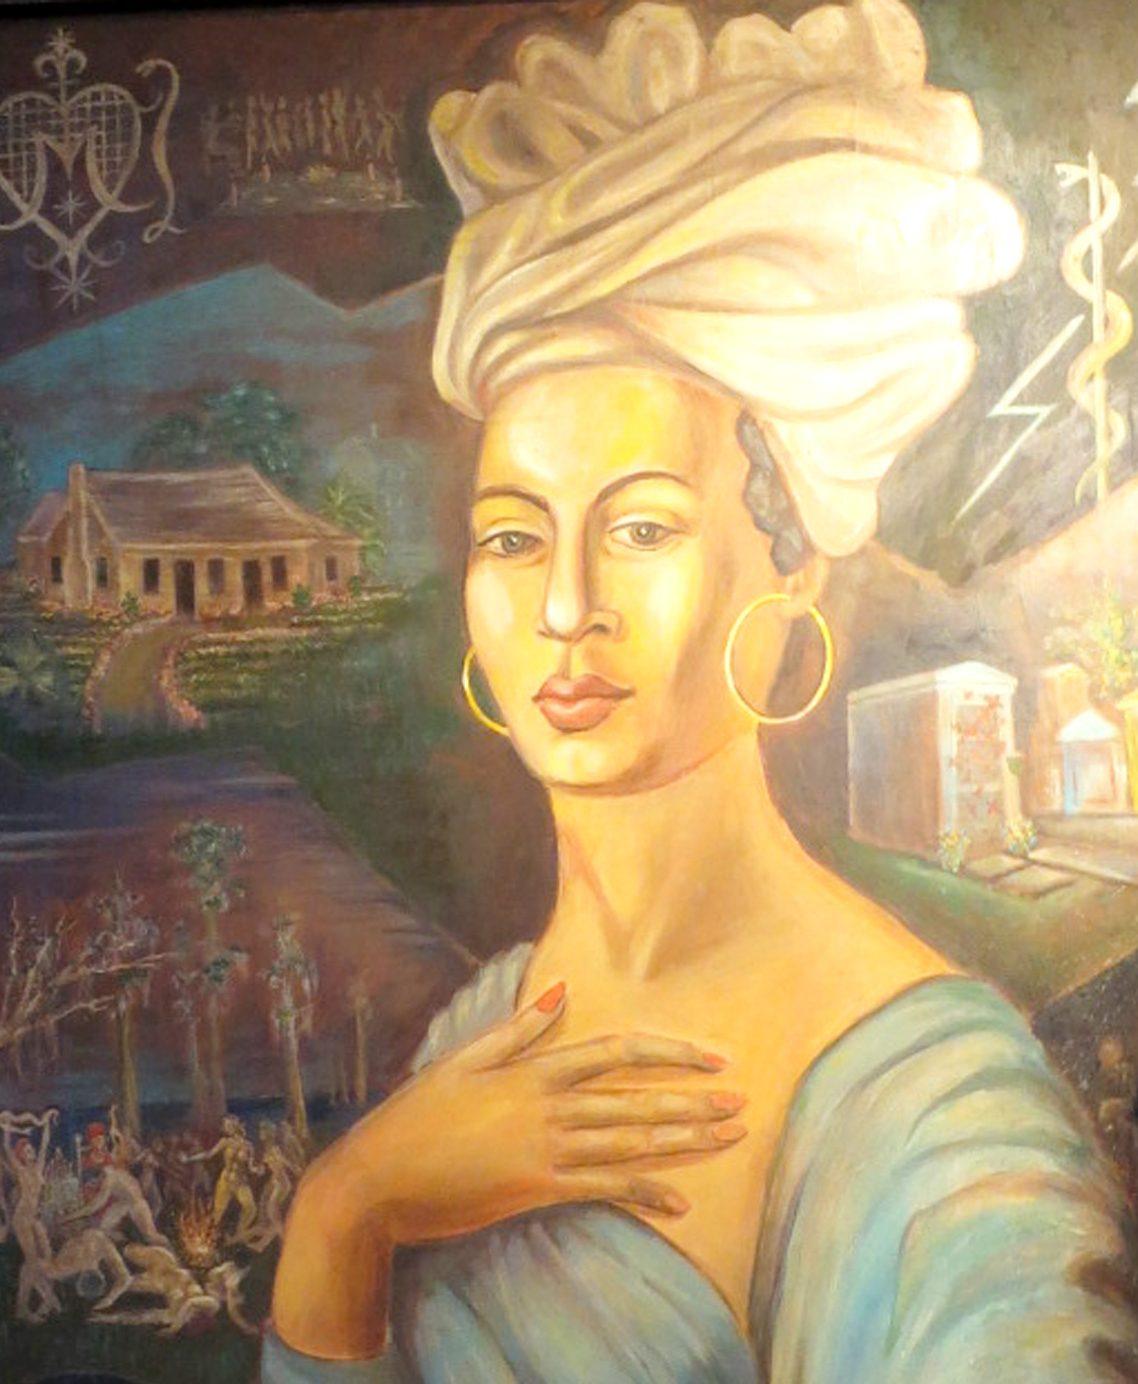 Marie Laveau Prêtresse Vodou de New Orleans Blackisreallybeautiful